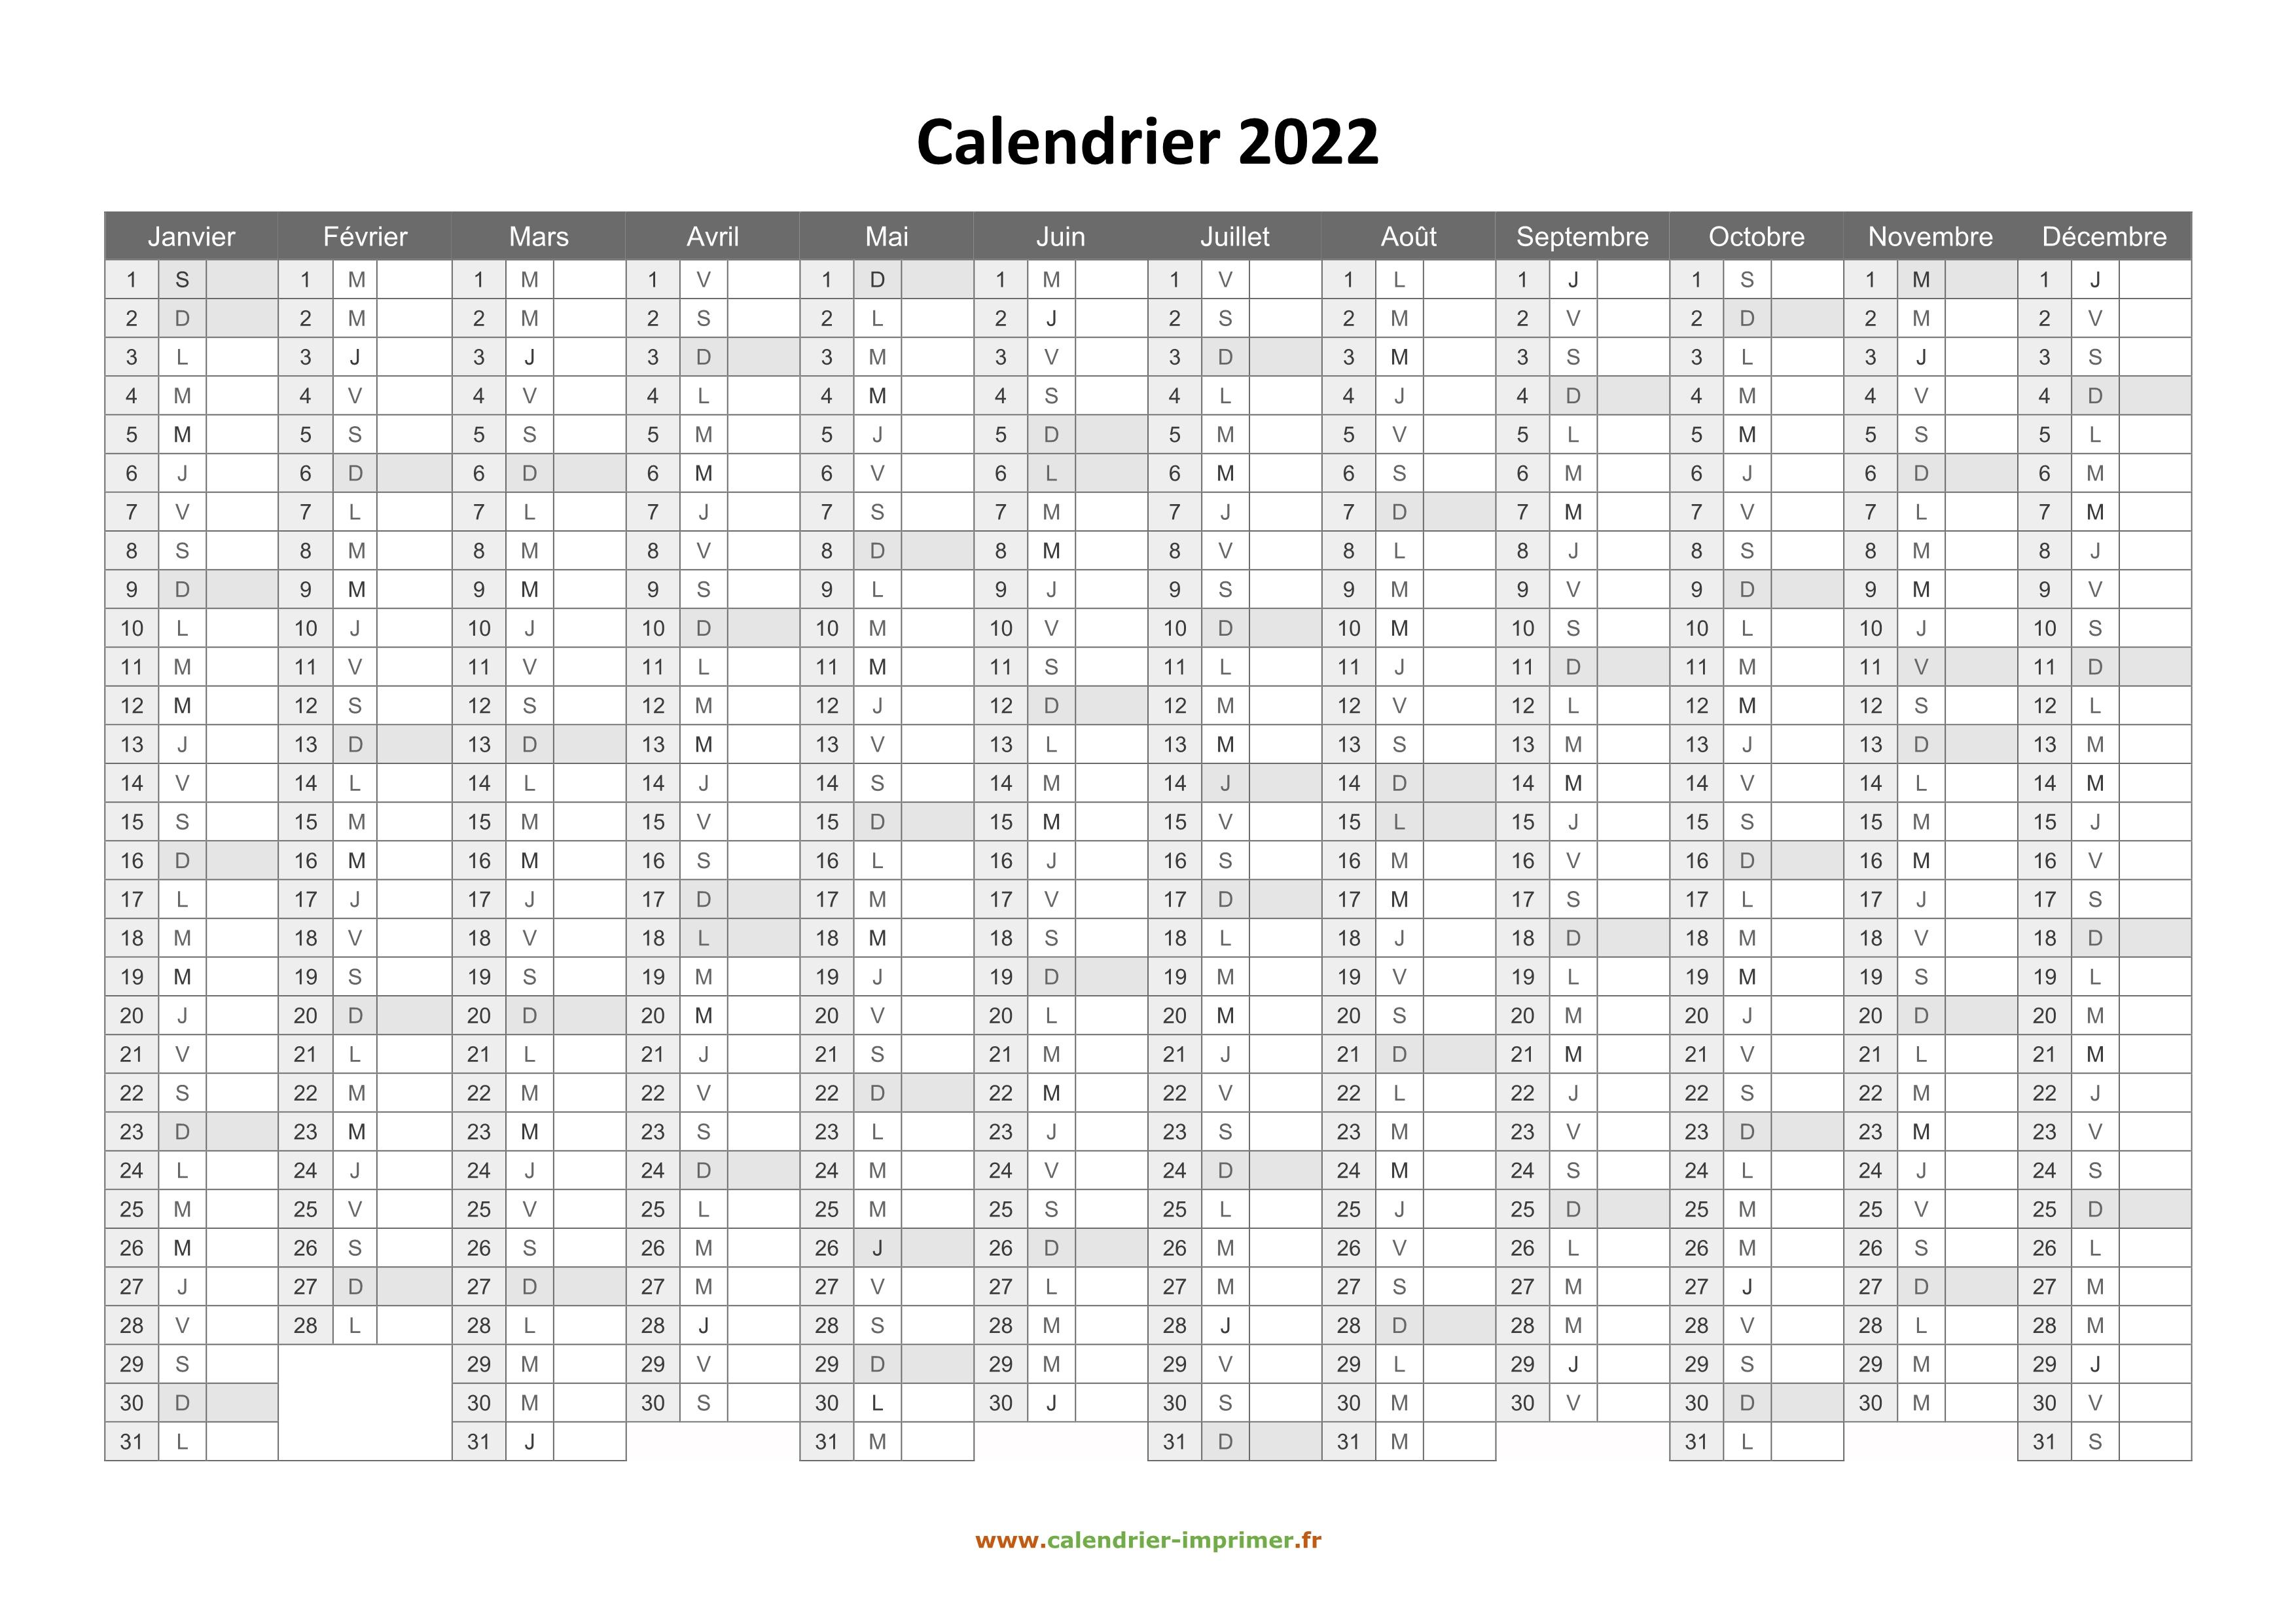 Calendrier à Imprimer Gratuit 2022 Calendrier 2022 à imprimer gratuit